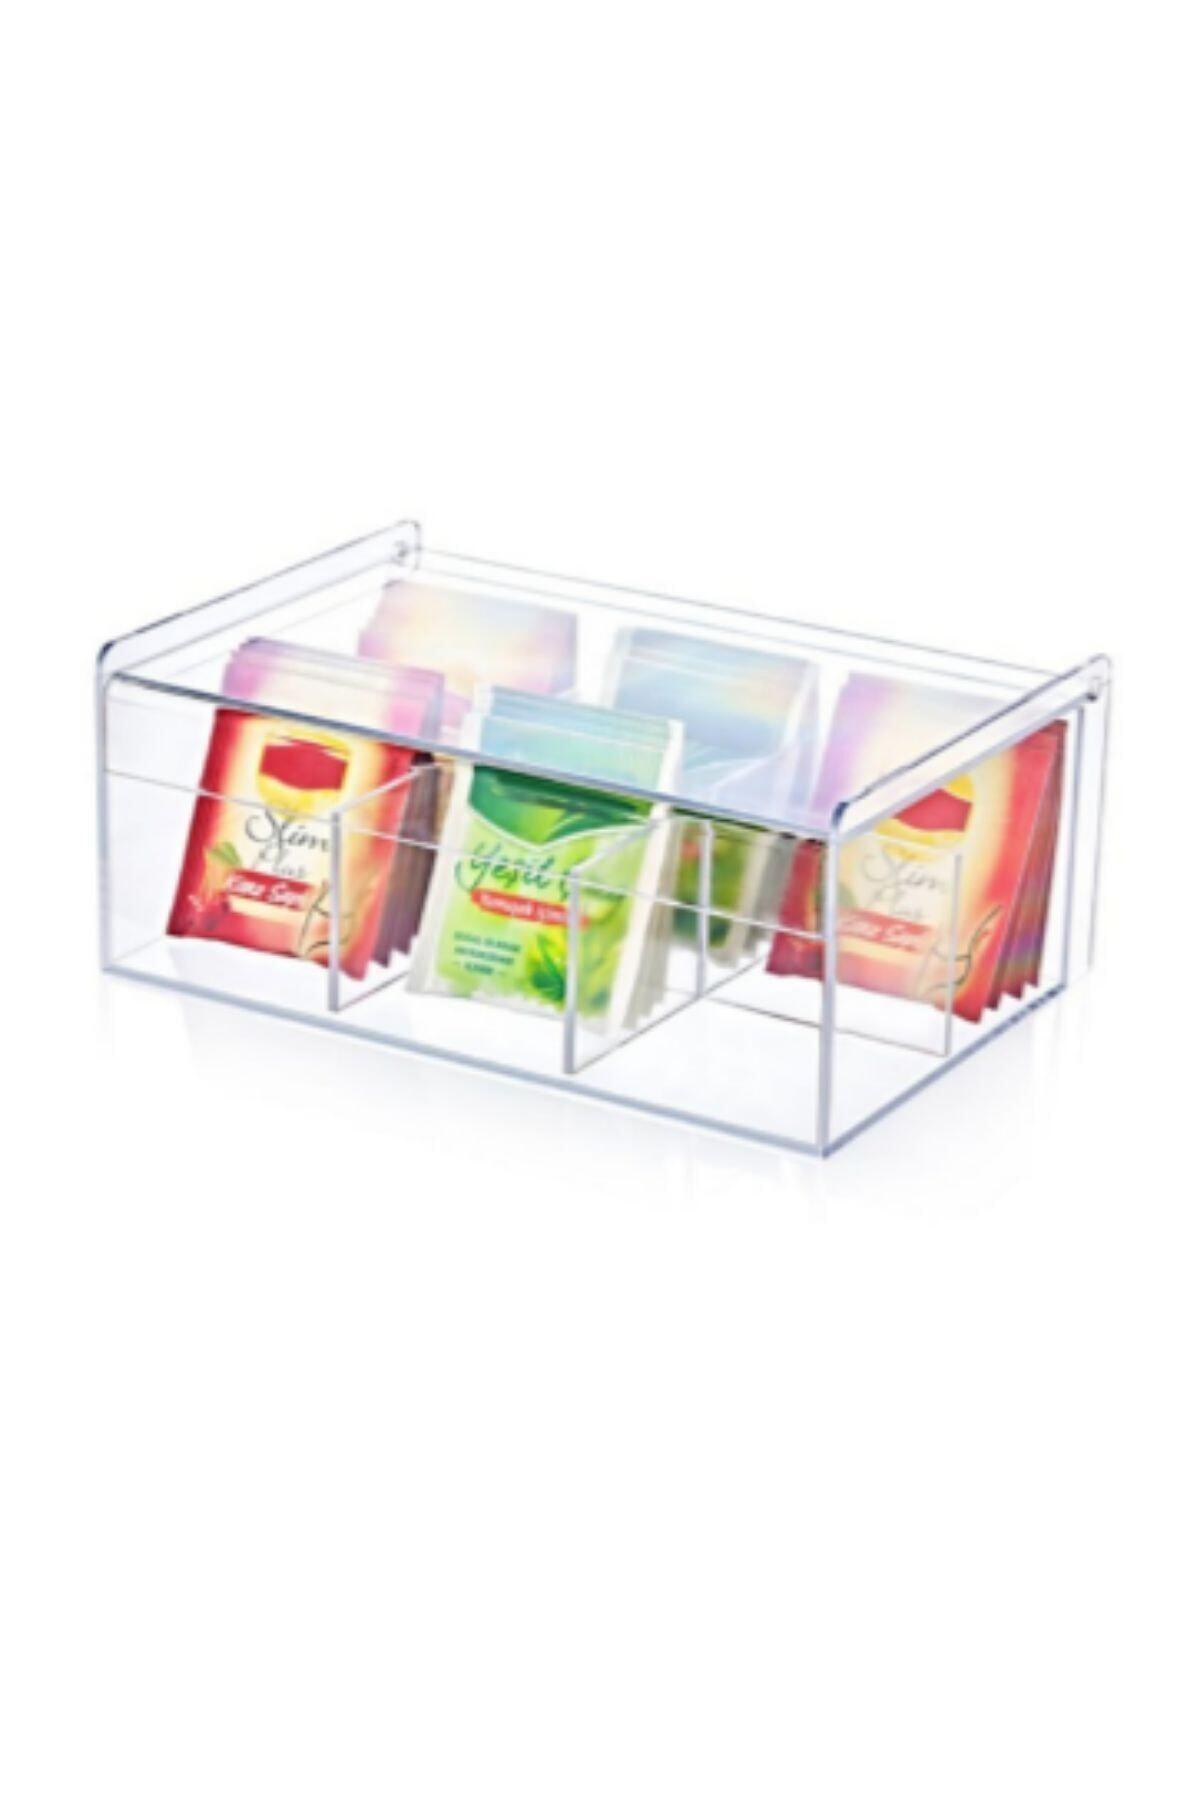 MAQYA KOZMETİK Maqya Boxup Sert Plastikli 6 Bölmeli Dikdörtgen Çay Ve Kahve Kutusu 2